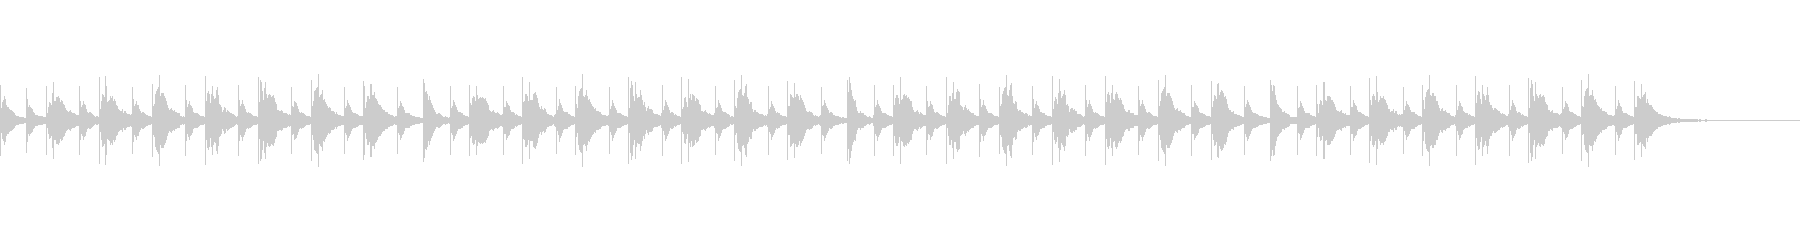 劇伴・コミカルなBGM:7の未再生の波形